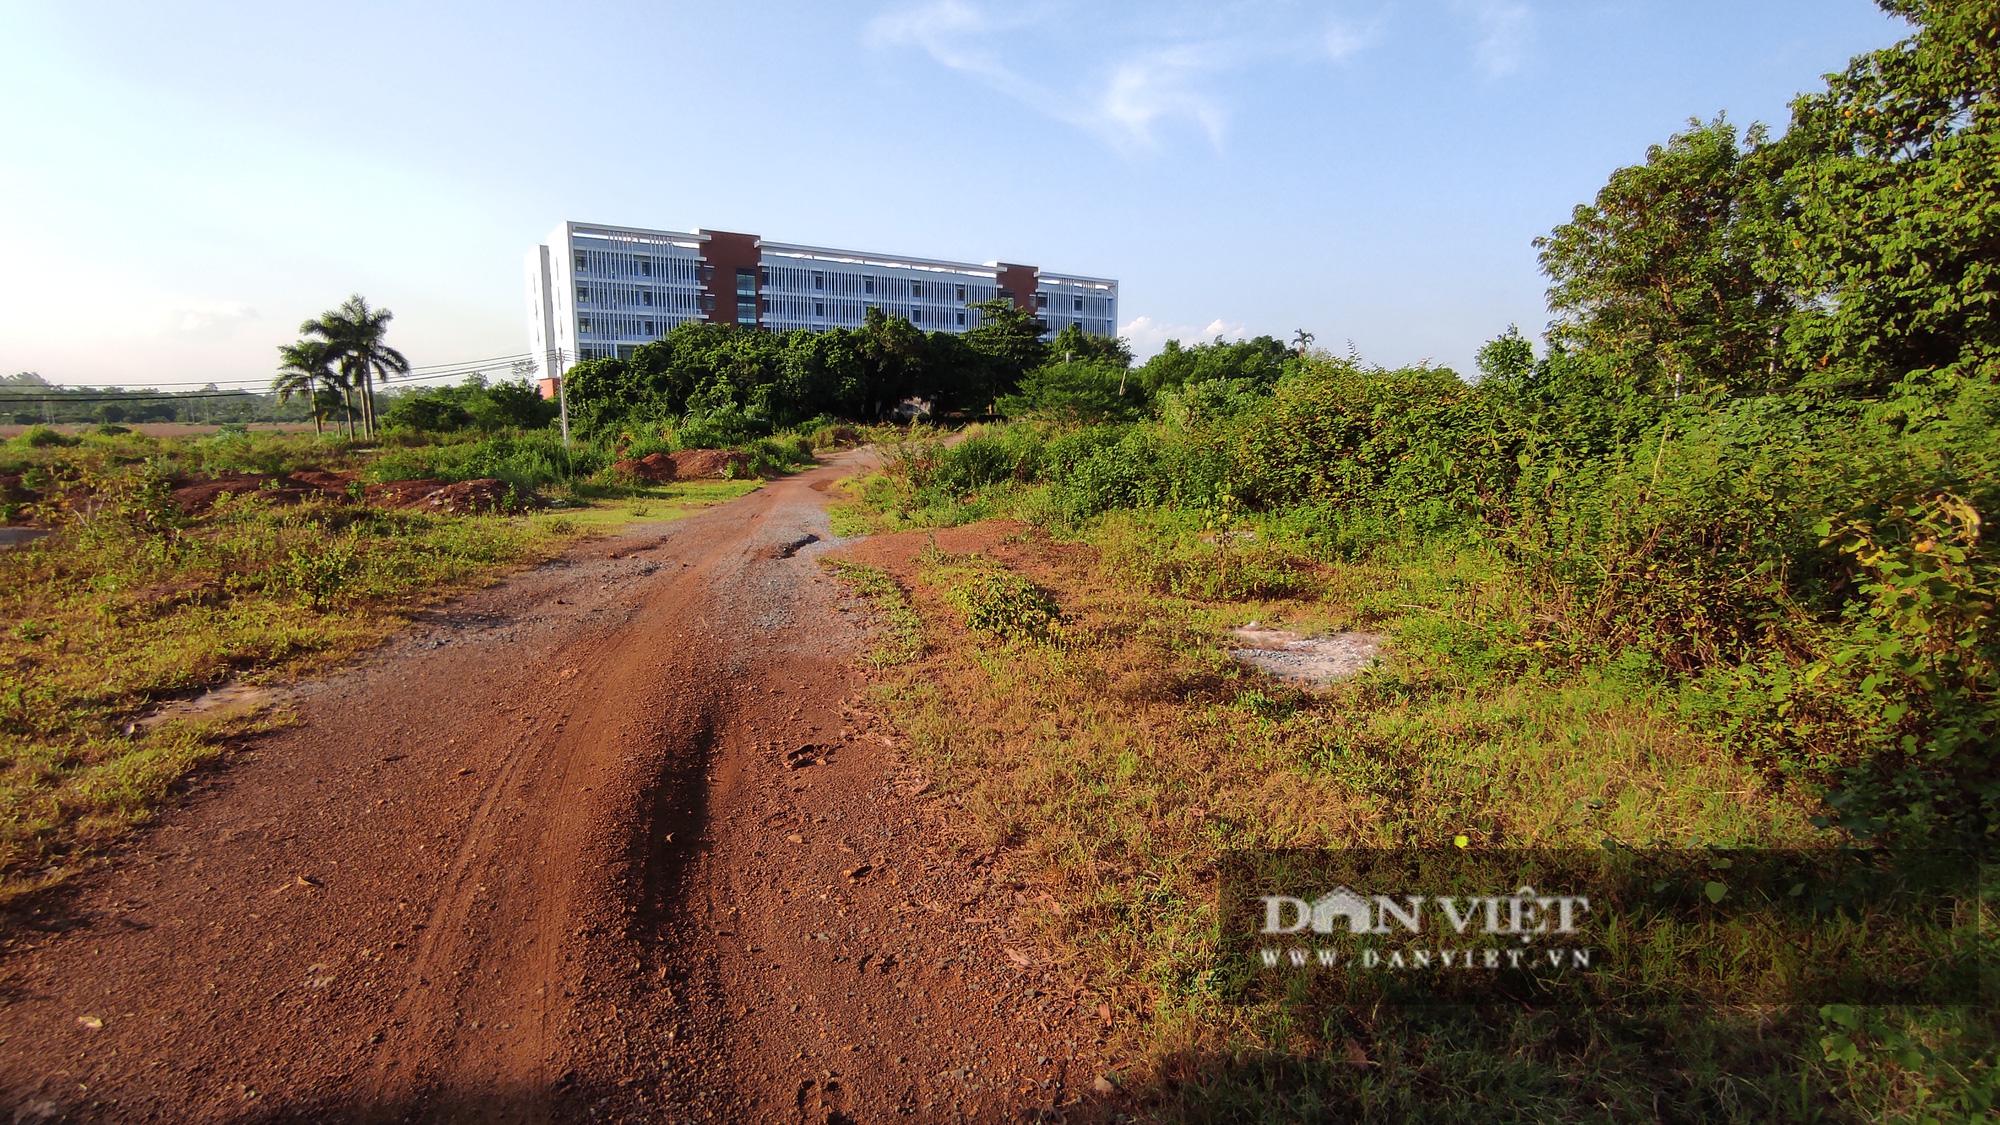 Bài 1: Hàng nghìn người dân sống khổ sở vì dự án ĐHQG Hà Nội ở Hòa Lạc - Ảnh 4.